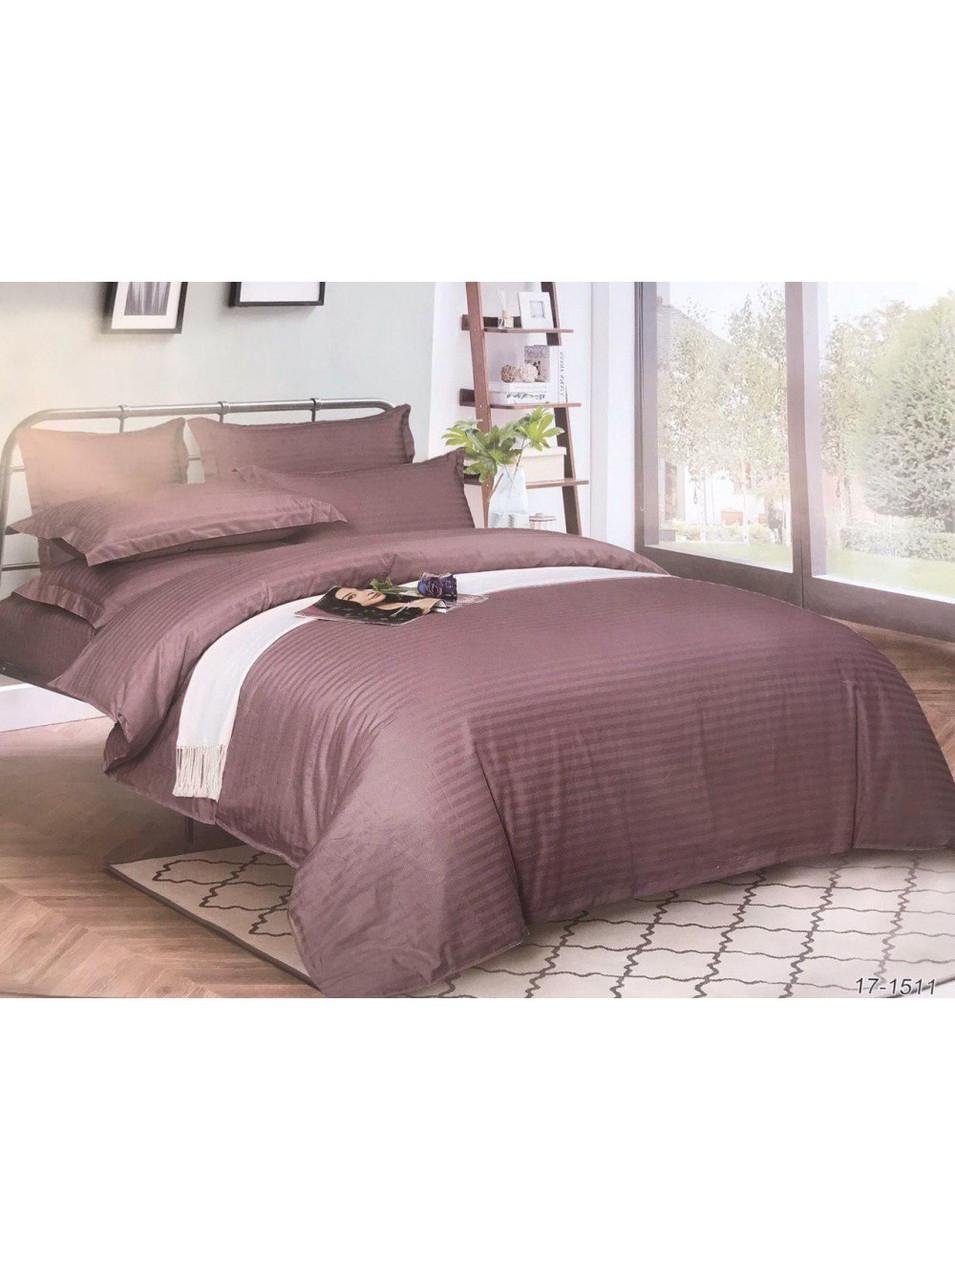 Комплект постельного белья страйп-сатин Грязный Фиолет